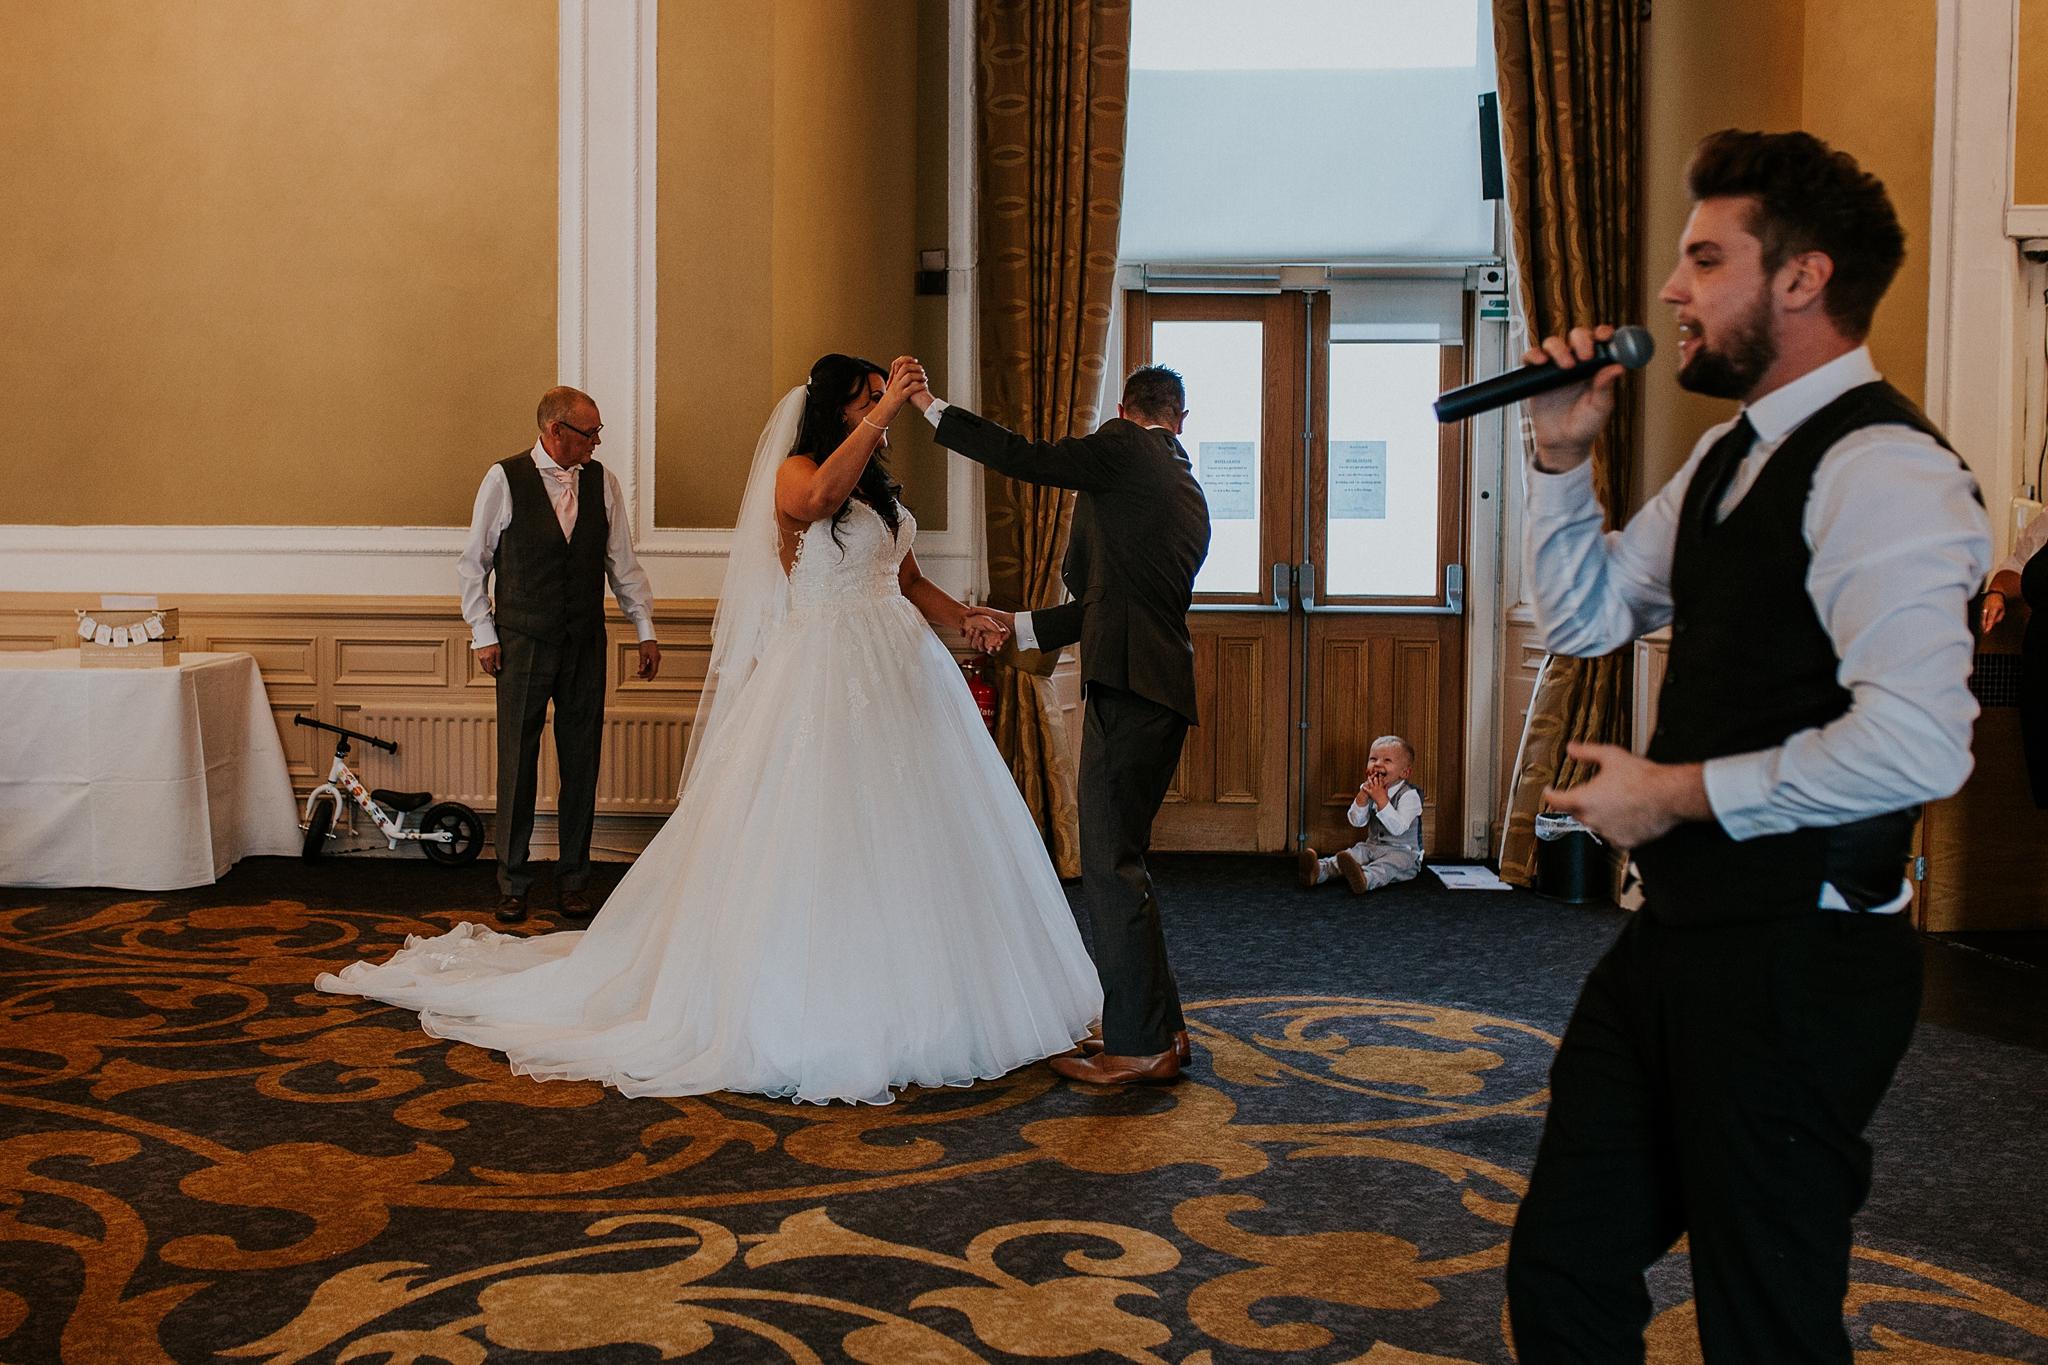 newcastle_upon_tyne_wedding_photographer-50.JPG